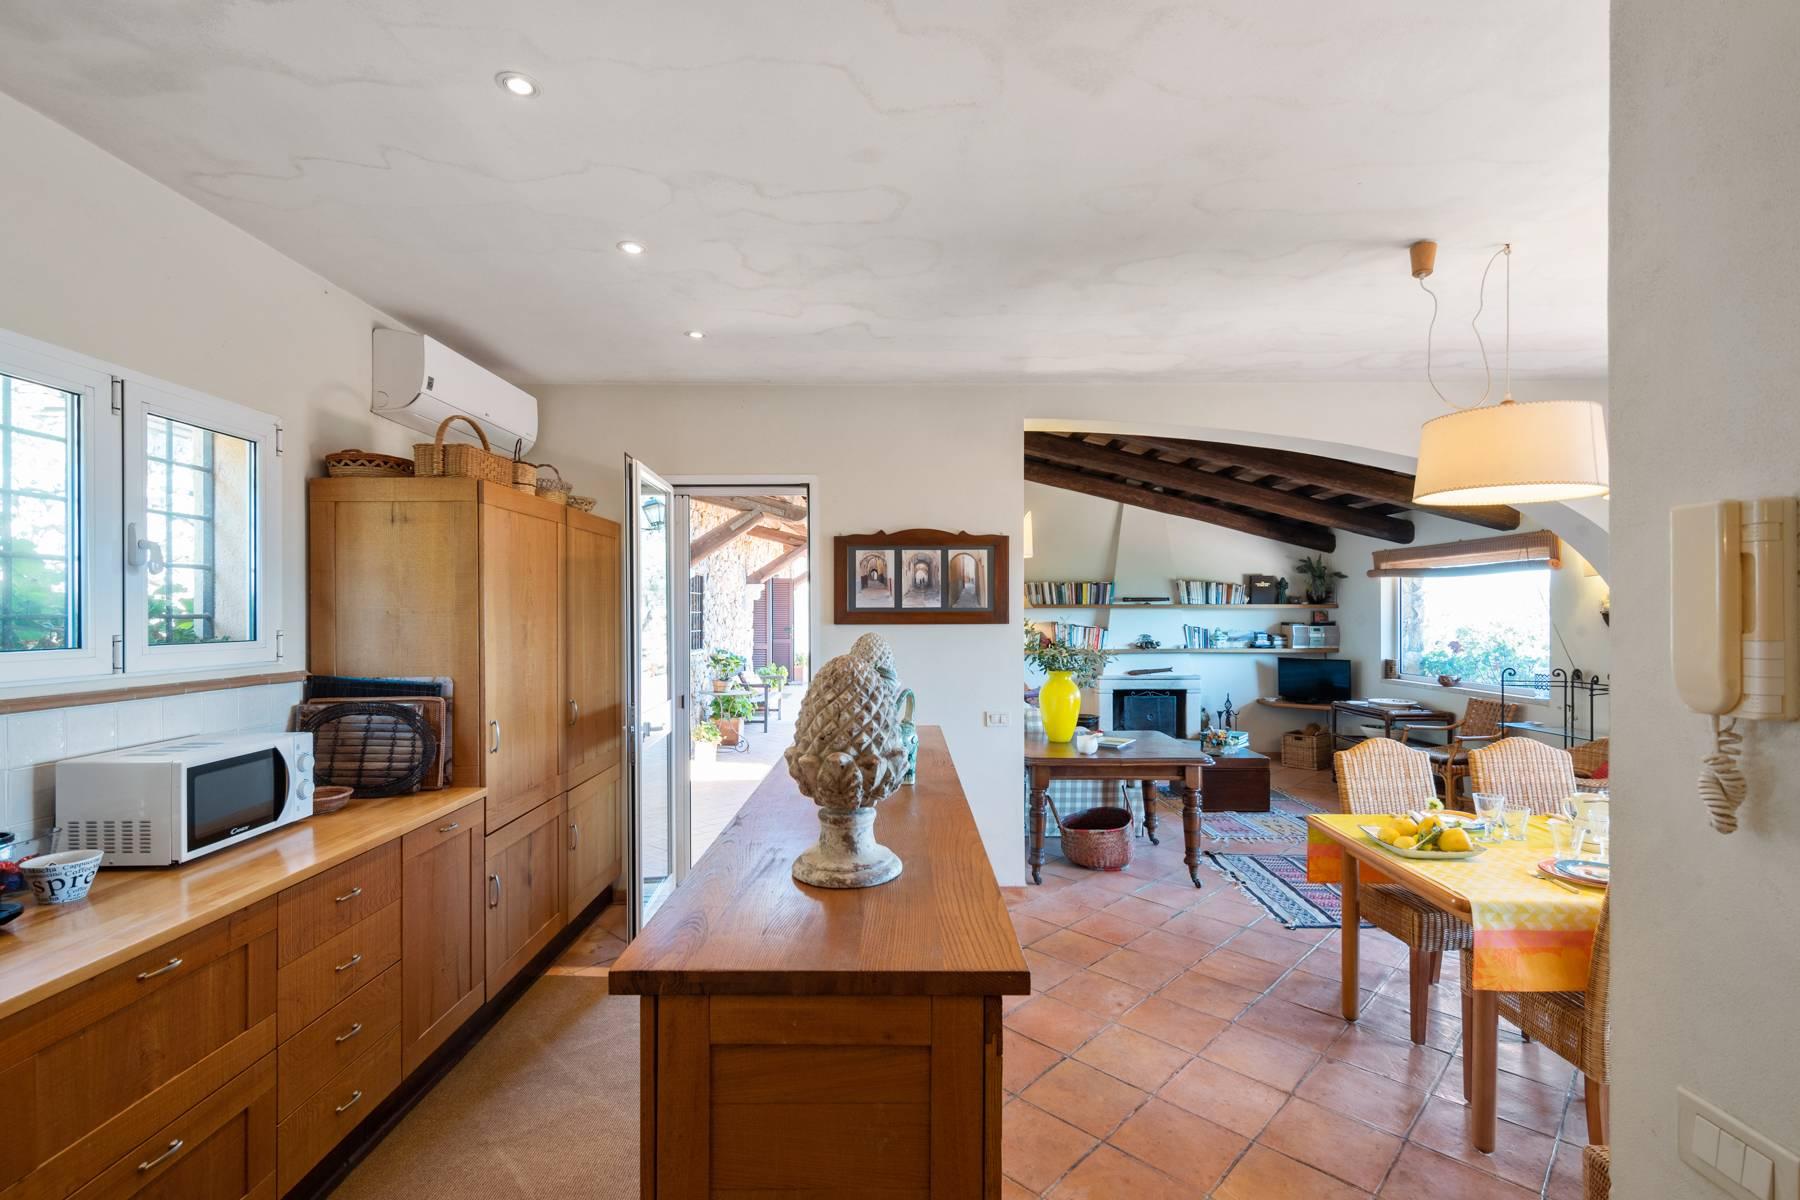 Villa in Vendita a Monte Argentario: 5 locali, 124 mq - Foto 11